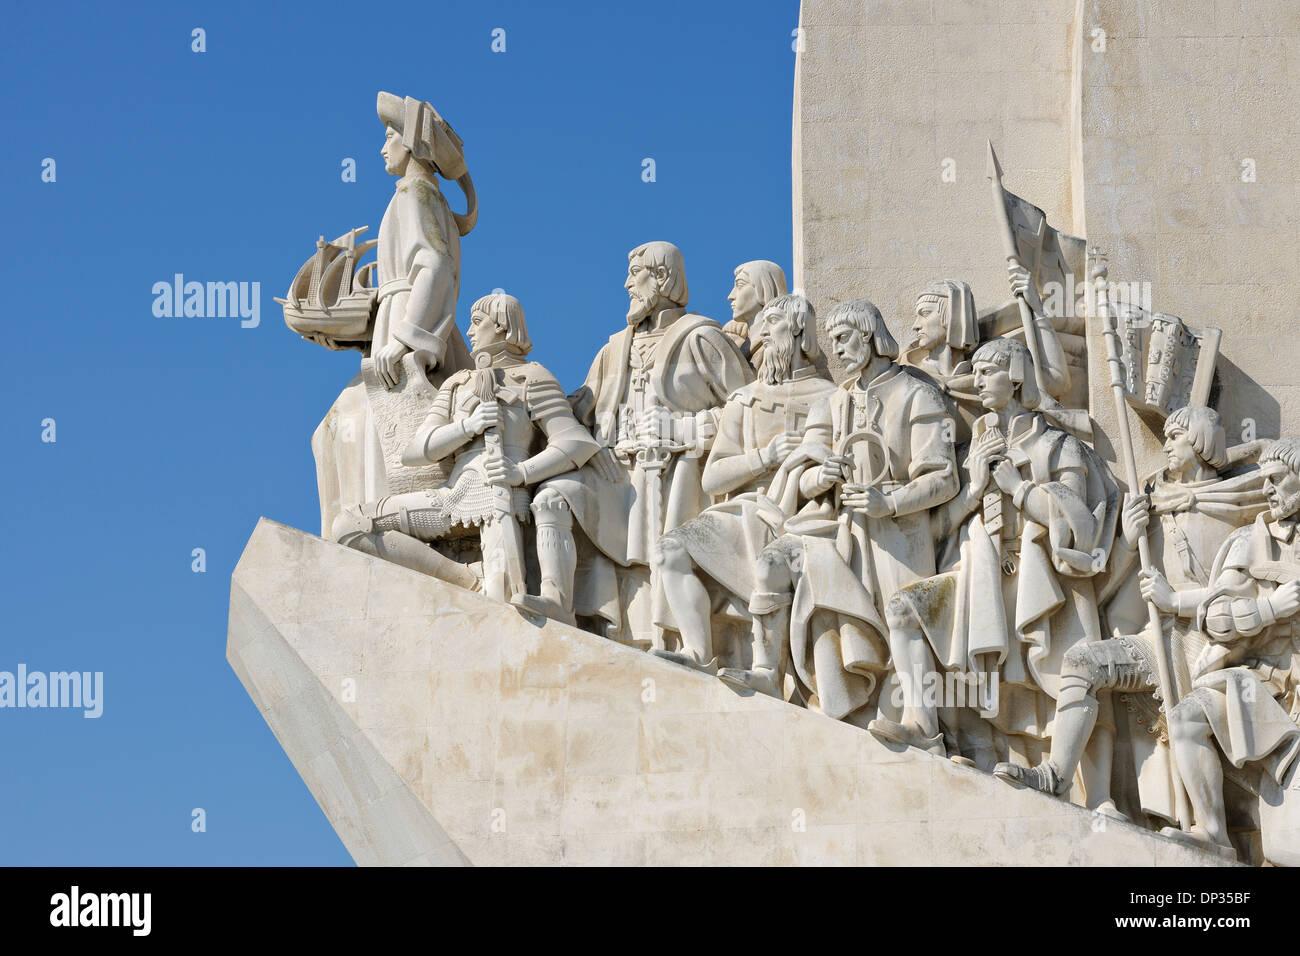 Close-up du Monument des Découvertes, Belém, Lisbonne, Portugal Banque D'Images